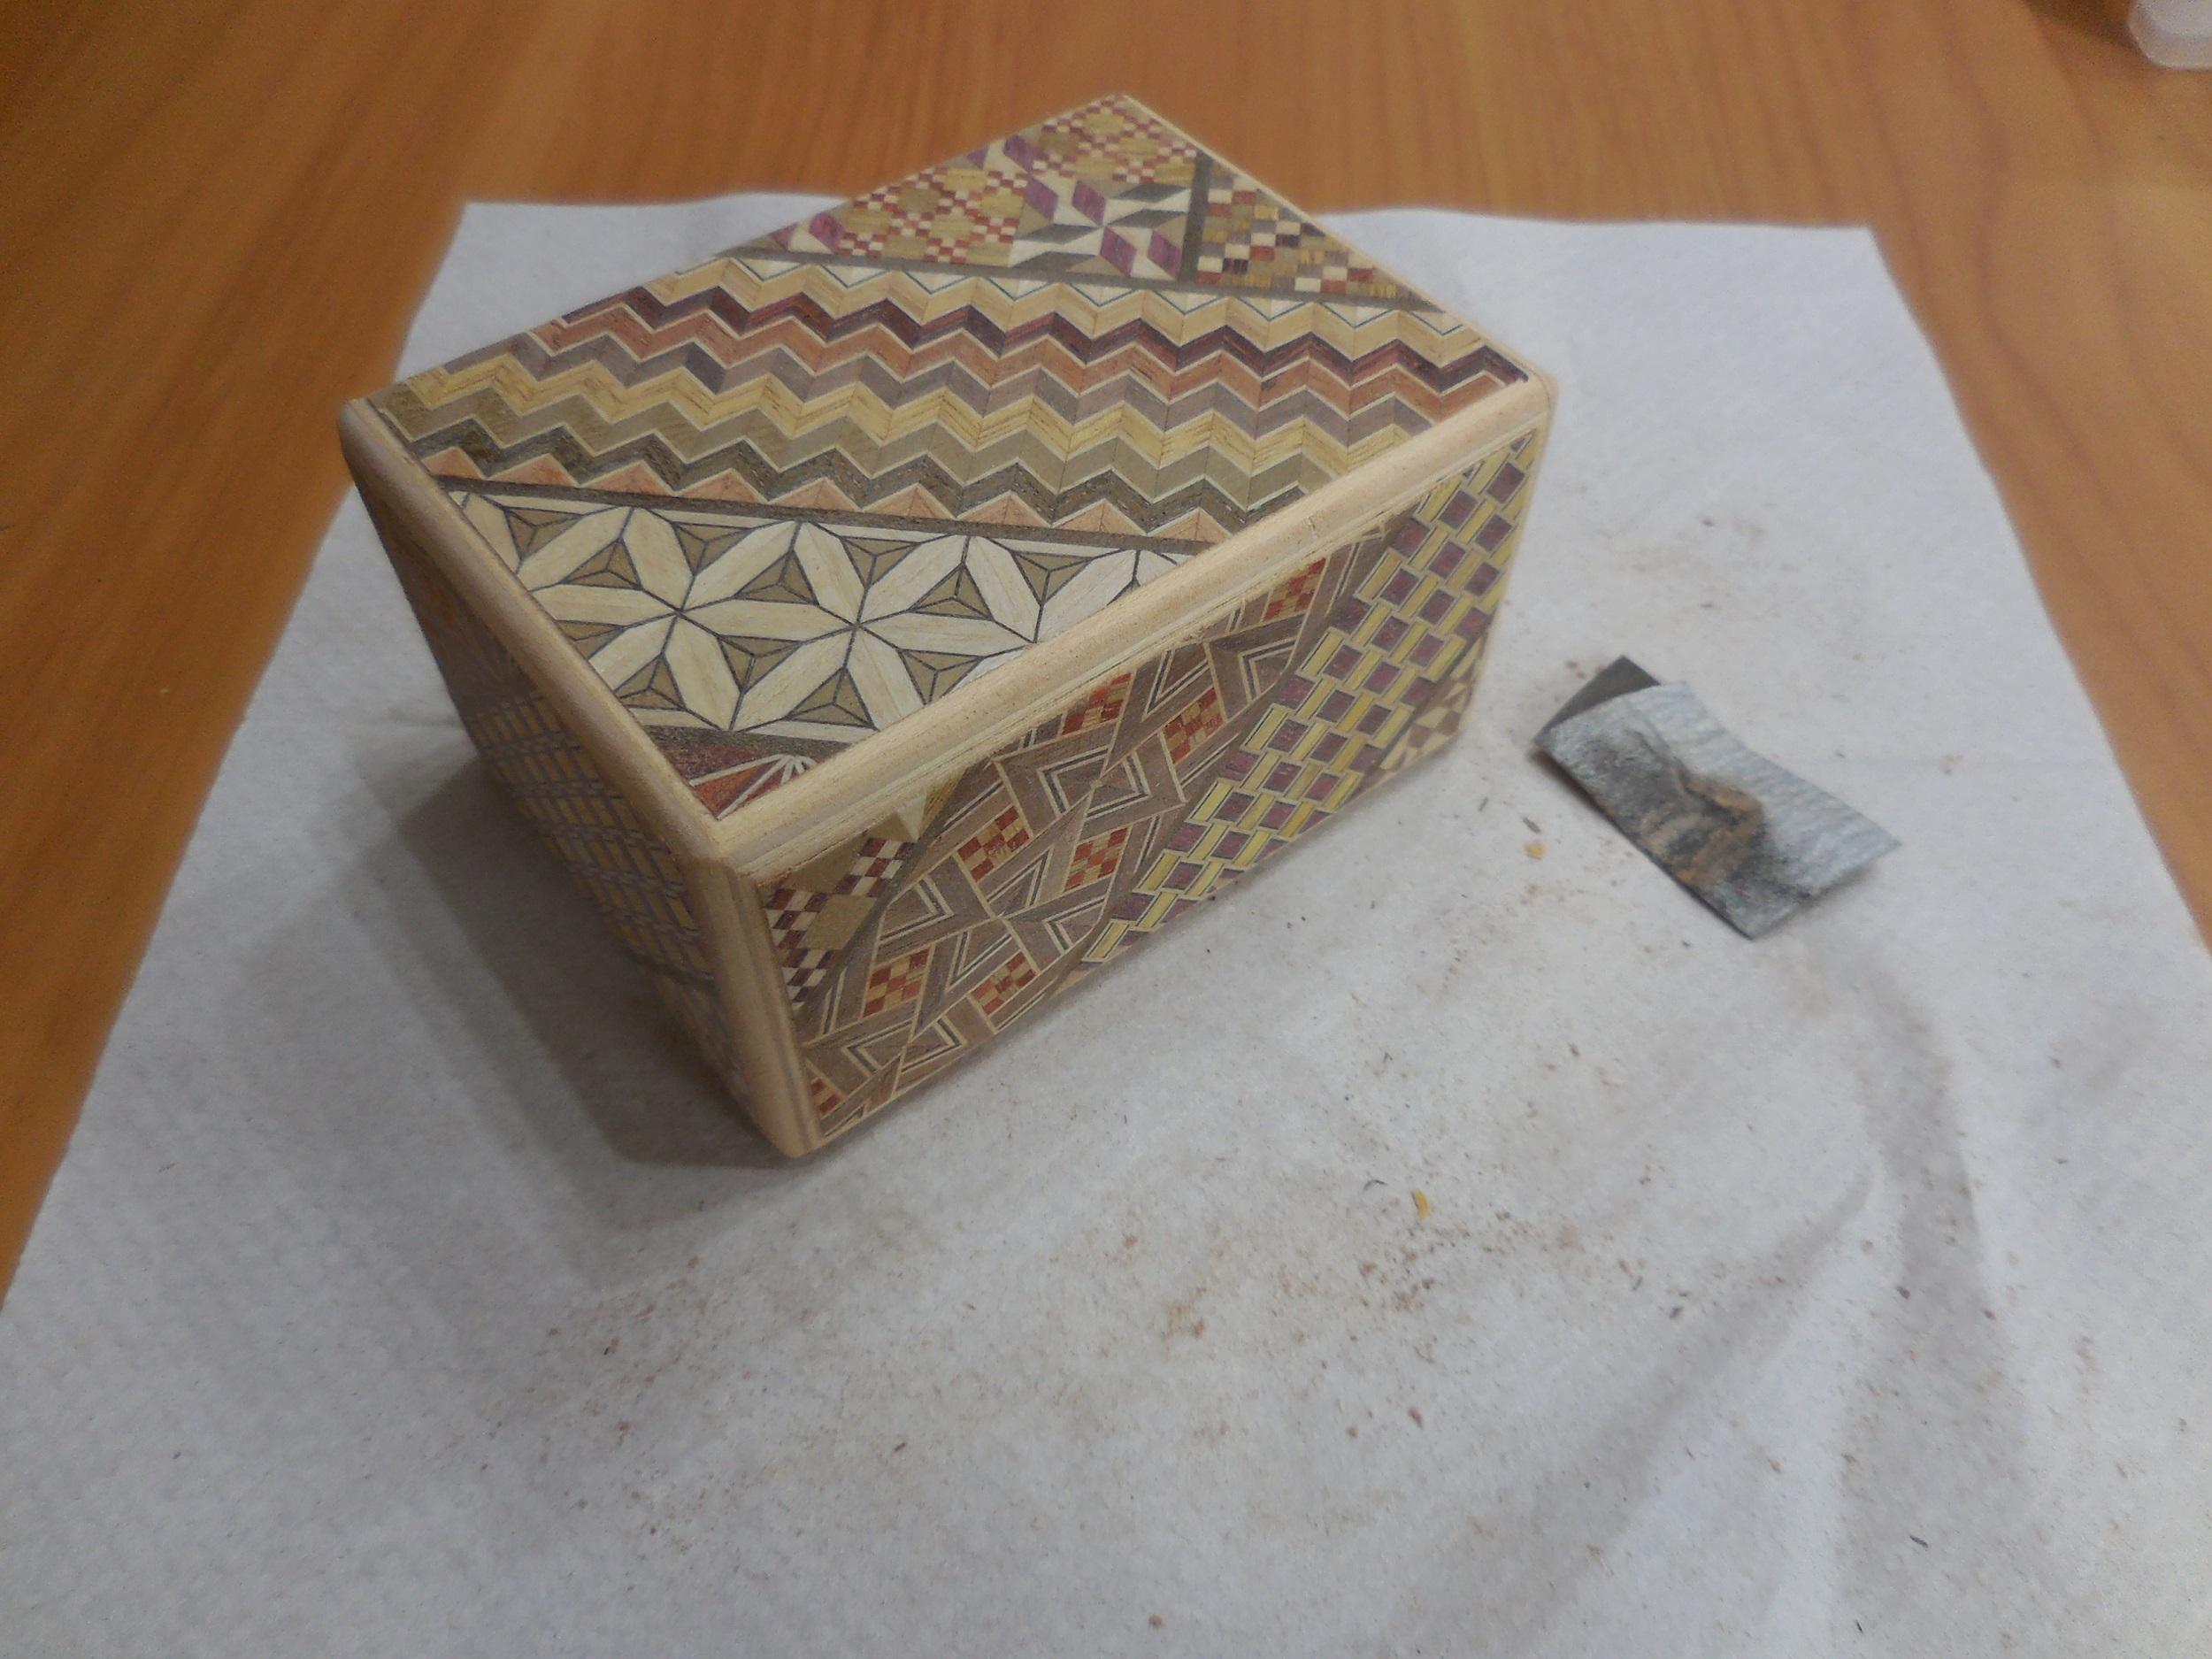 【箱根・寄木細工】秘密箱の工作体験をしてきました。_4